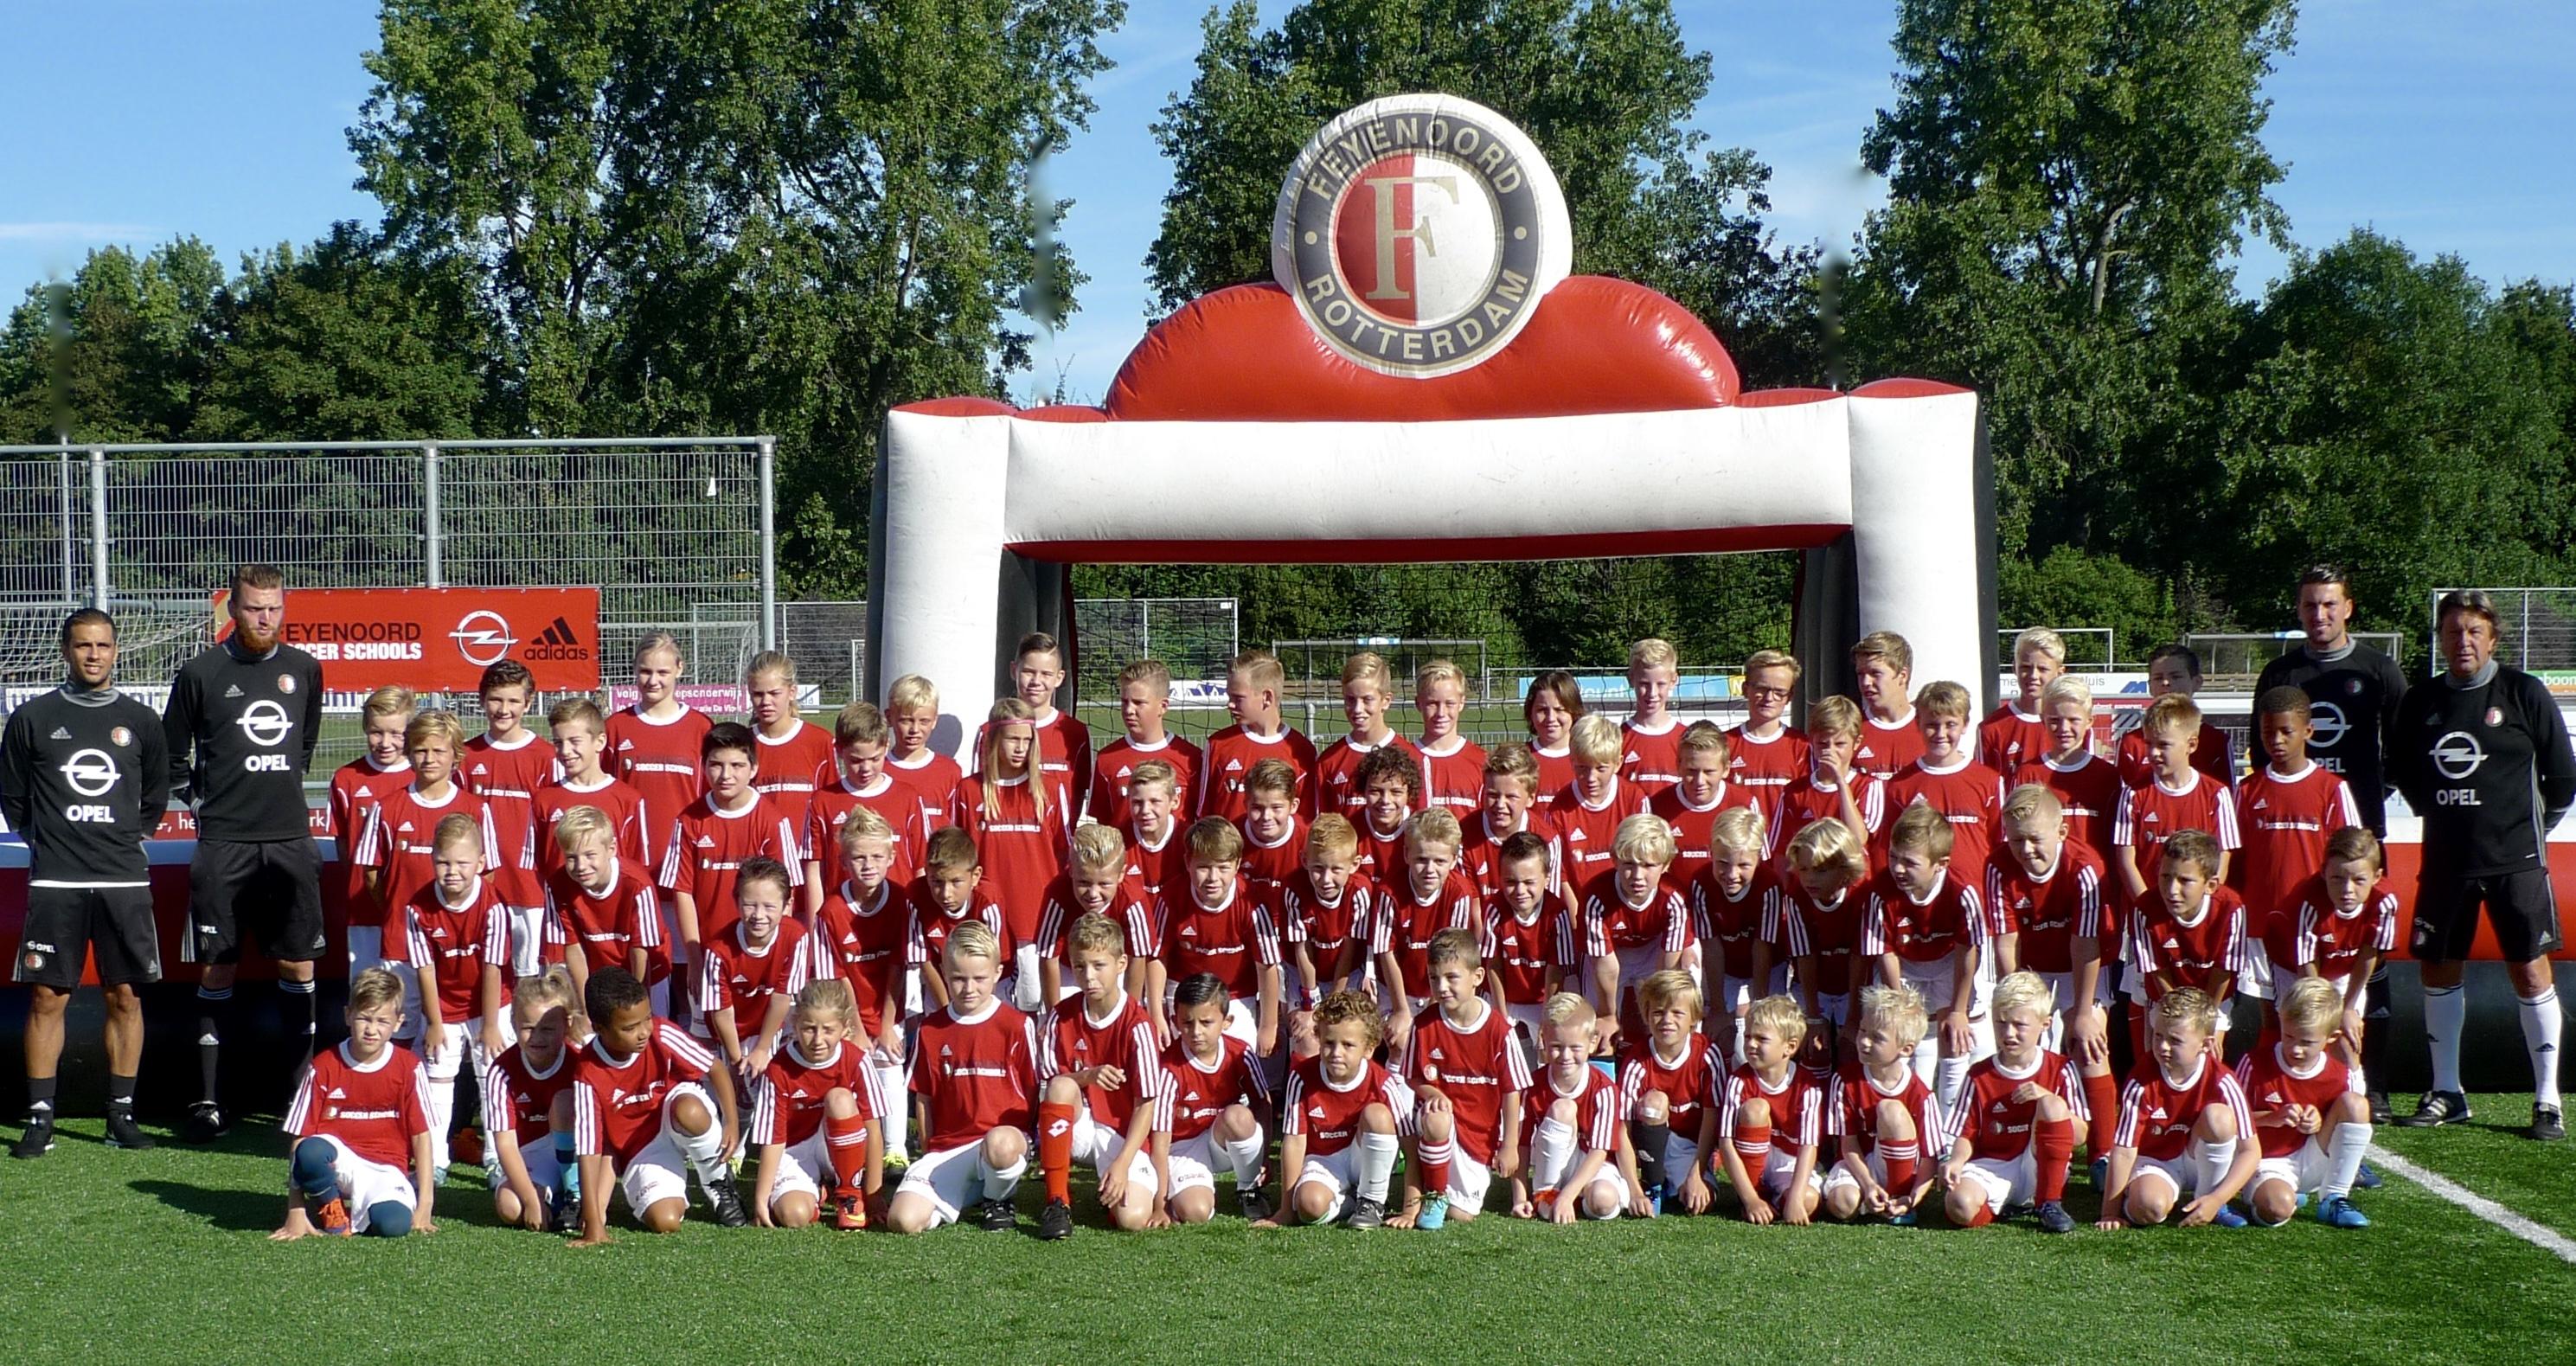 9ee34ba66cd Feyenoord heeft het Sportcomplex van VDL andermaal uitgekozen voor een  schitterend zomerkamp voor uw kind. Schrijf je in voor de Feyenoord Soccer  Schools ...